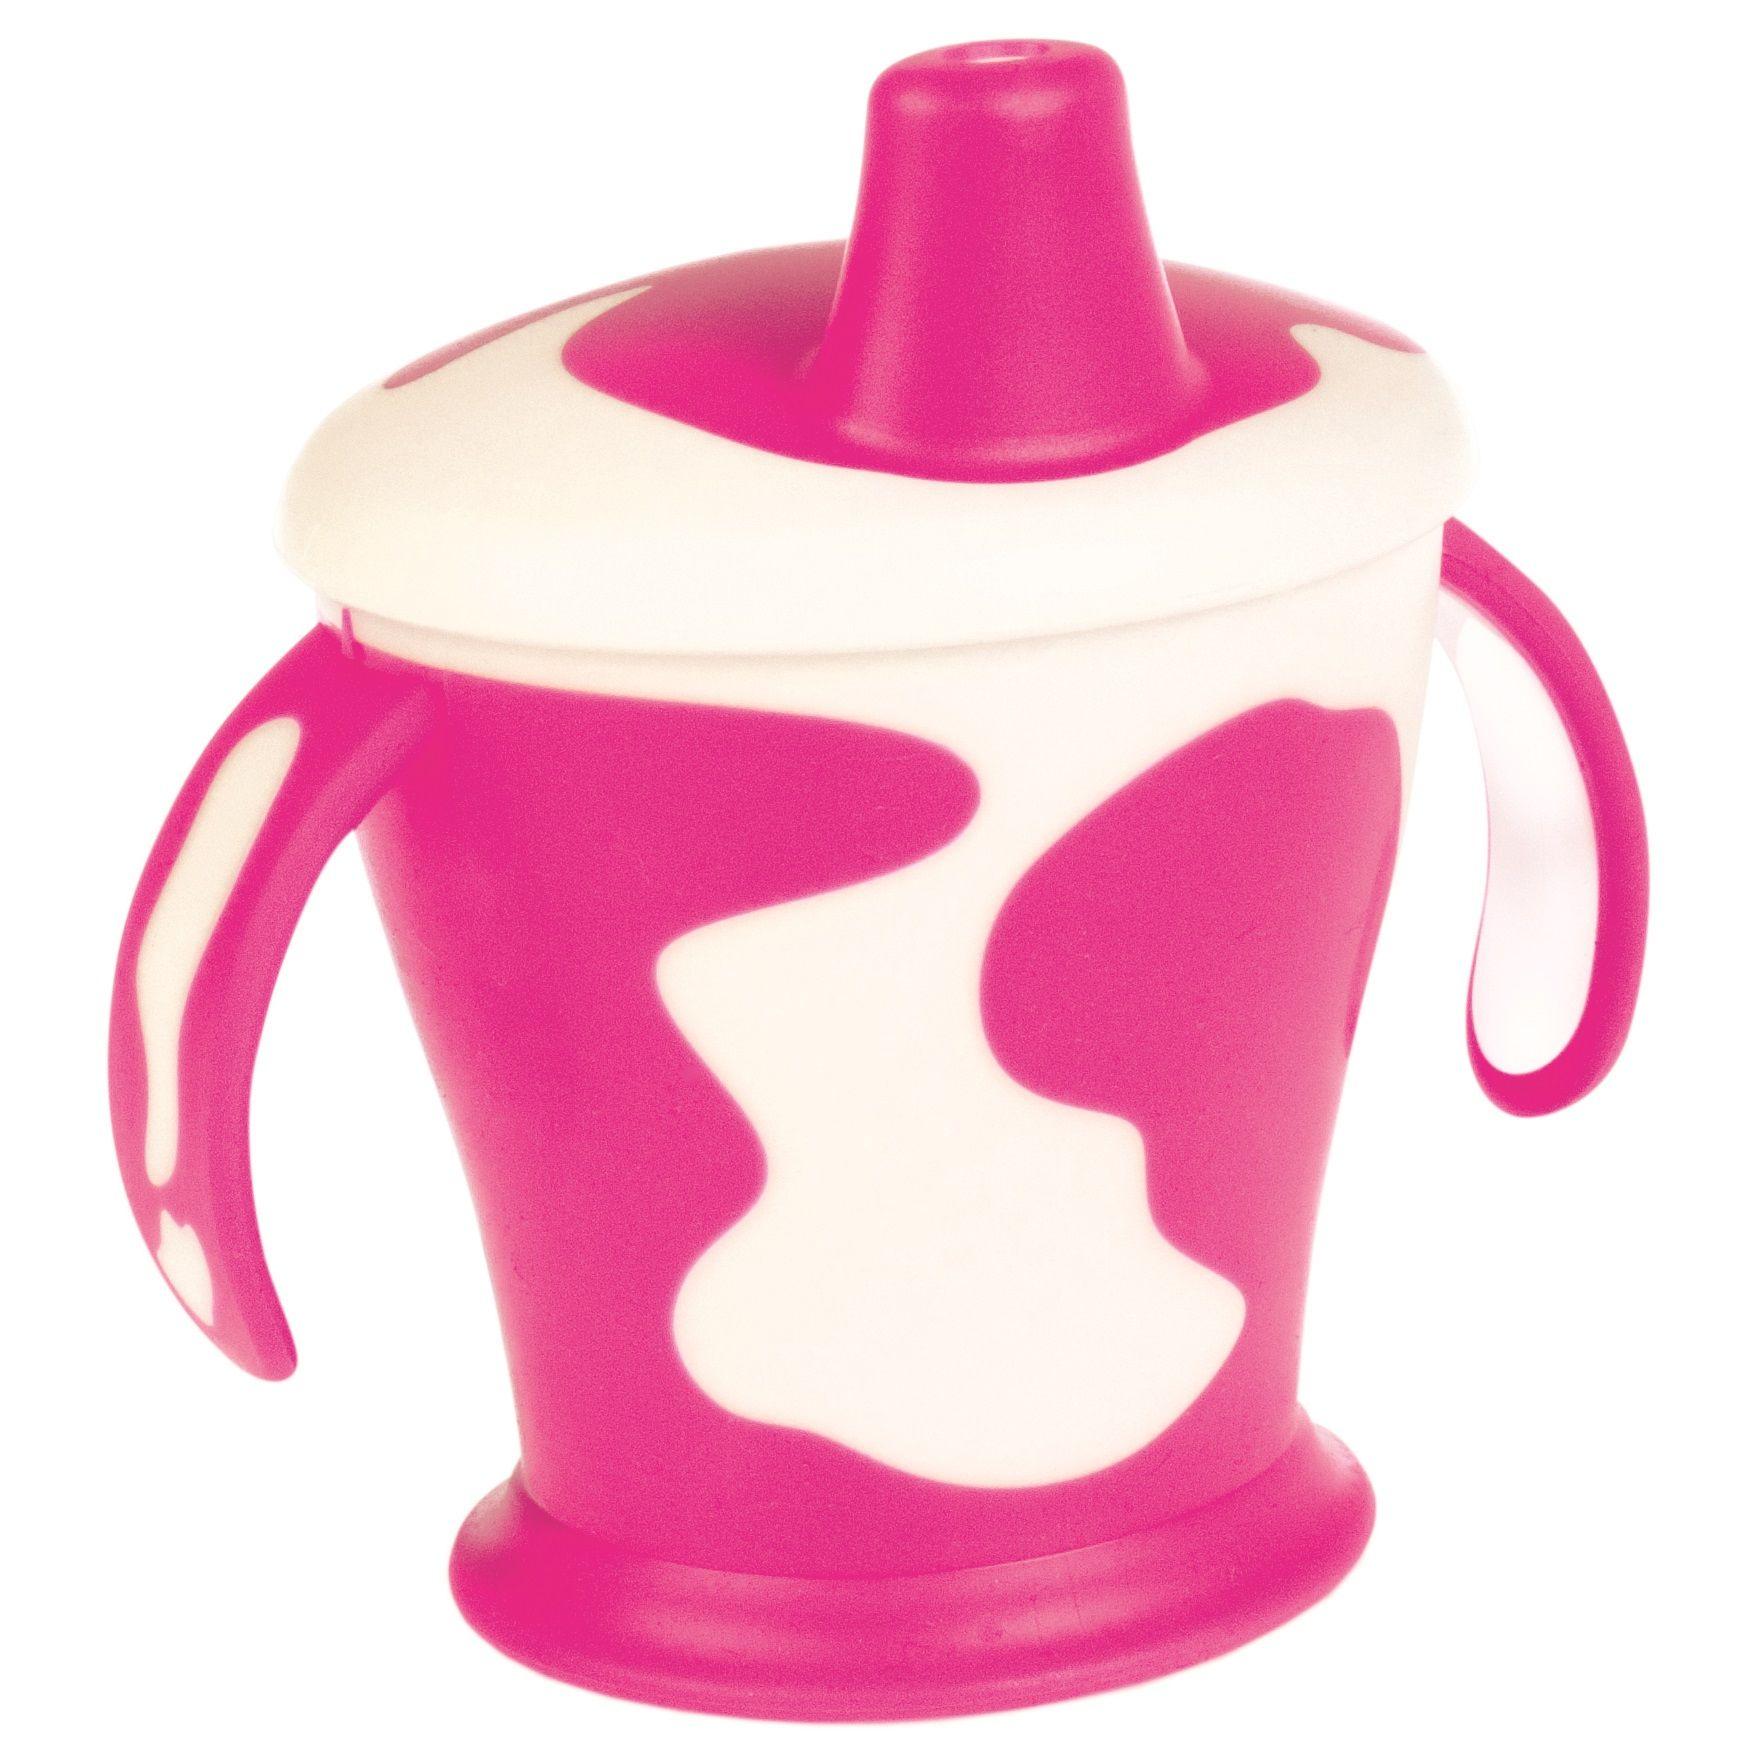 Cana anti-varsare Caw Cup Pink